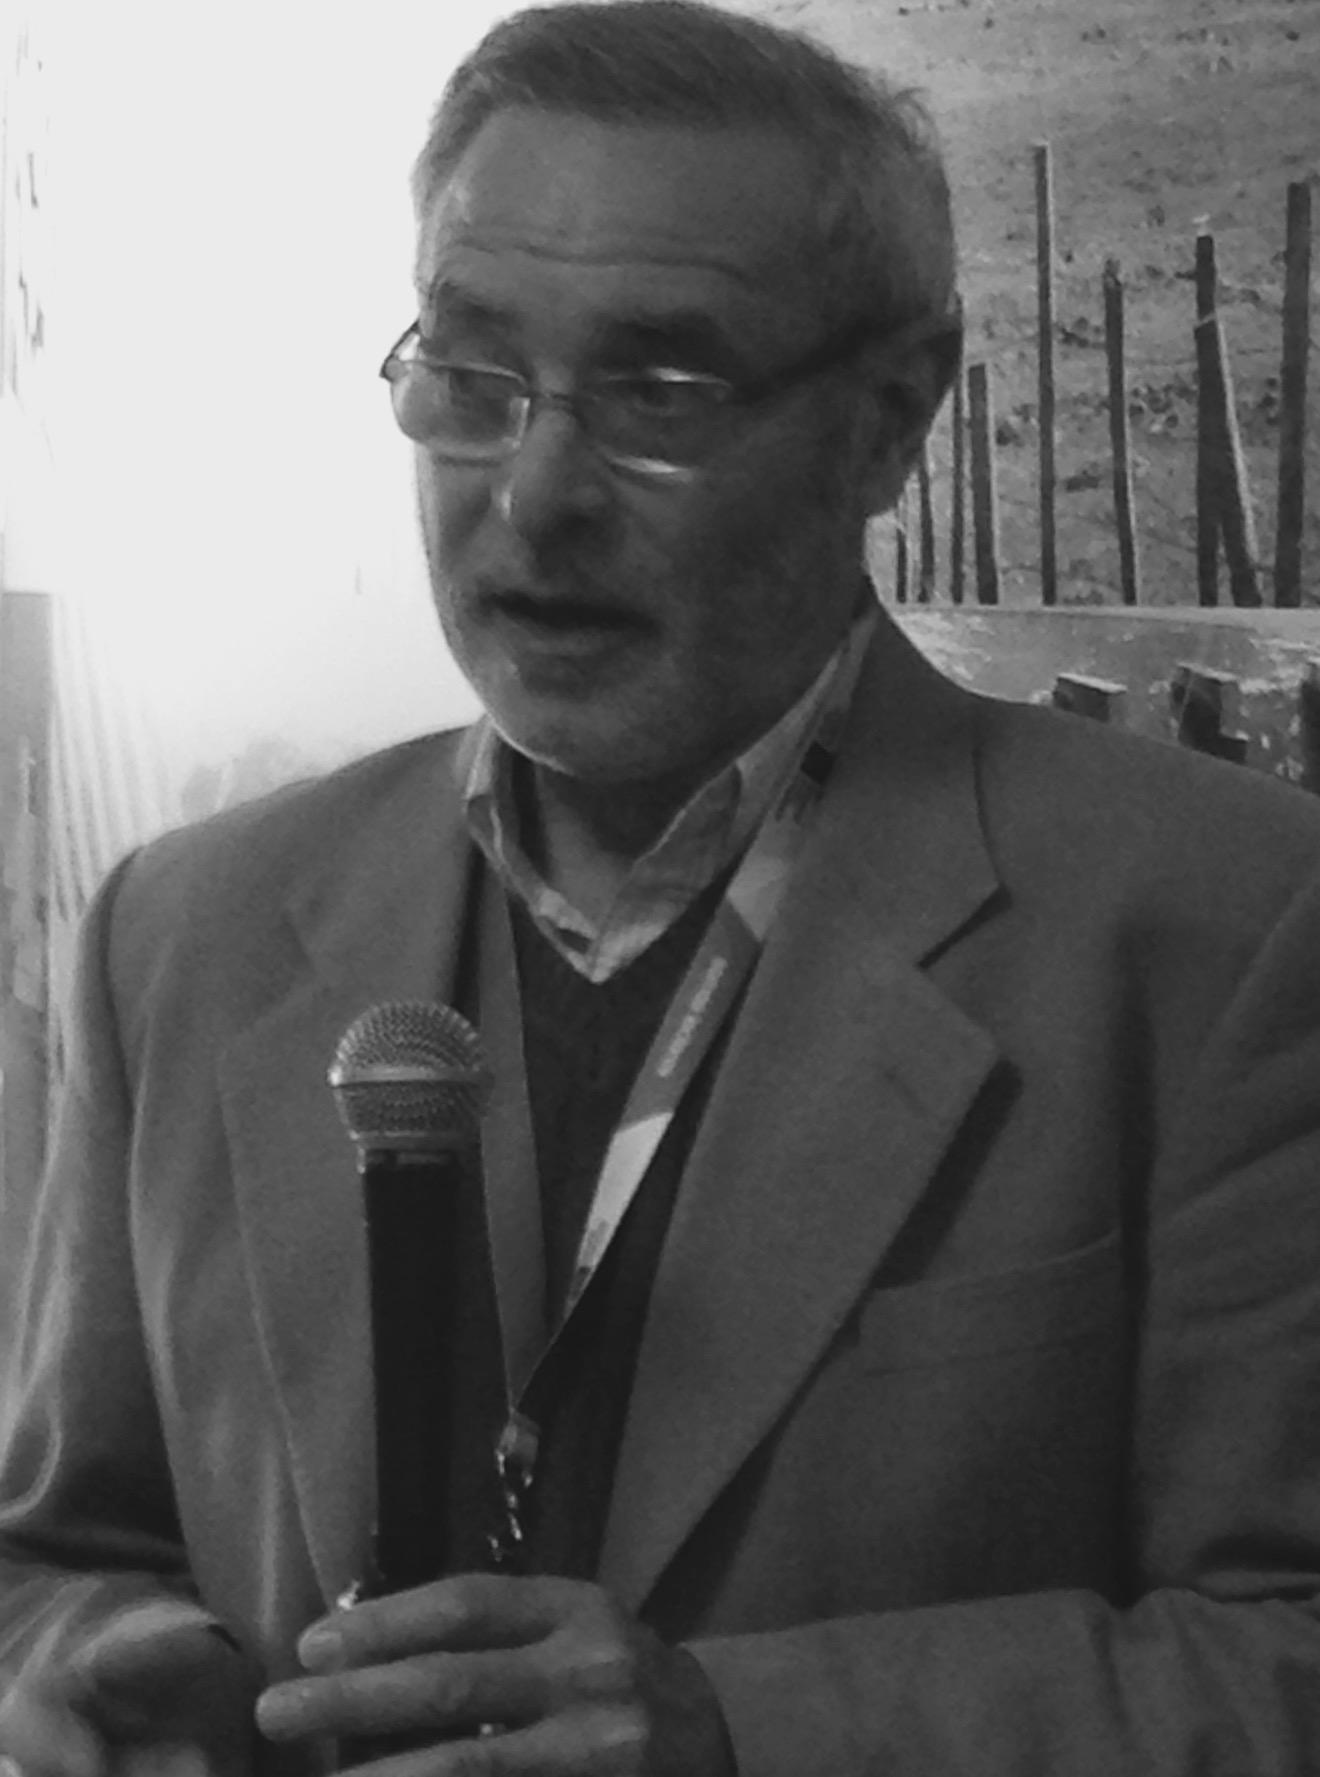 Vicente (Tito) Palermo